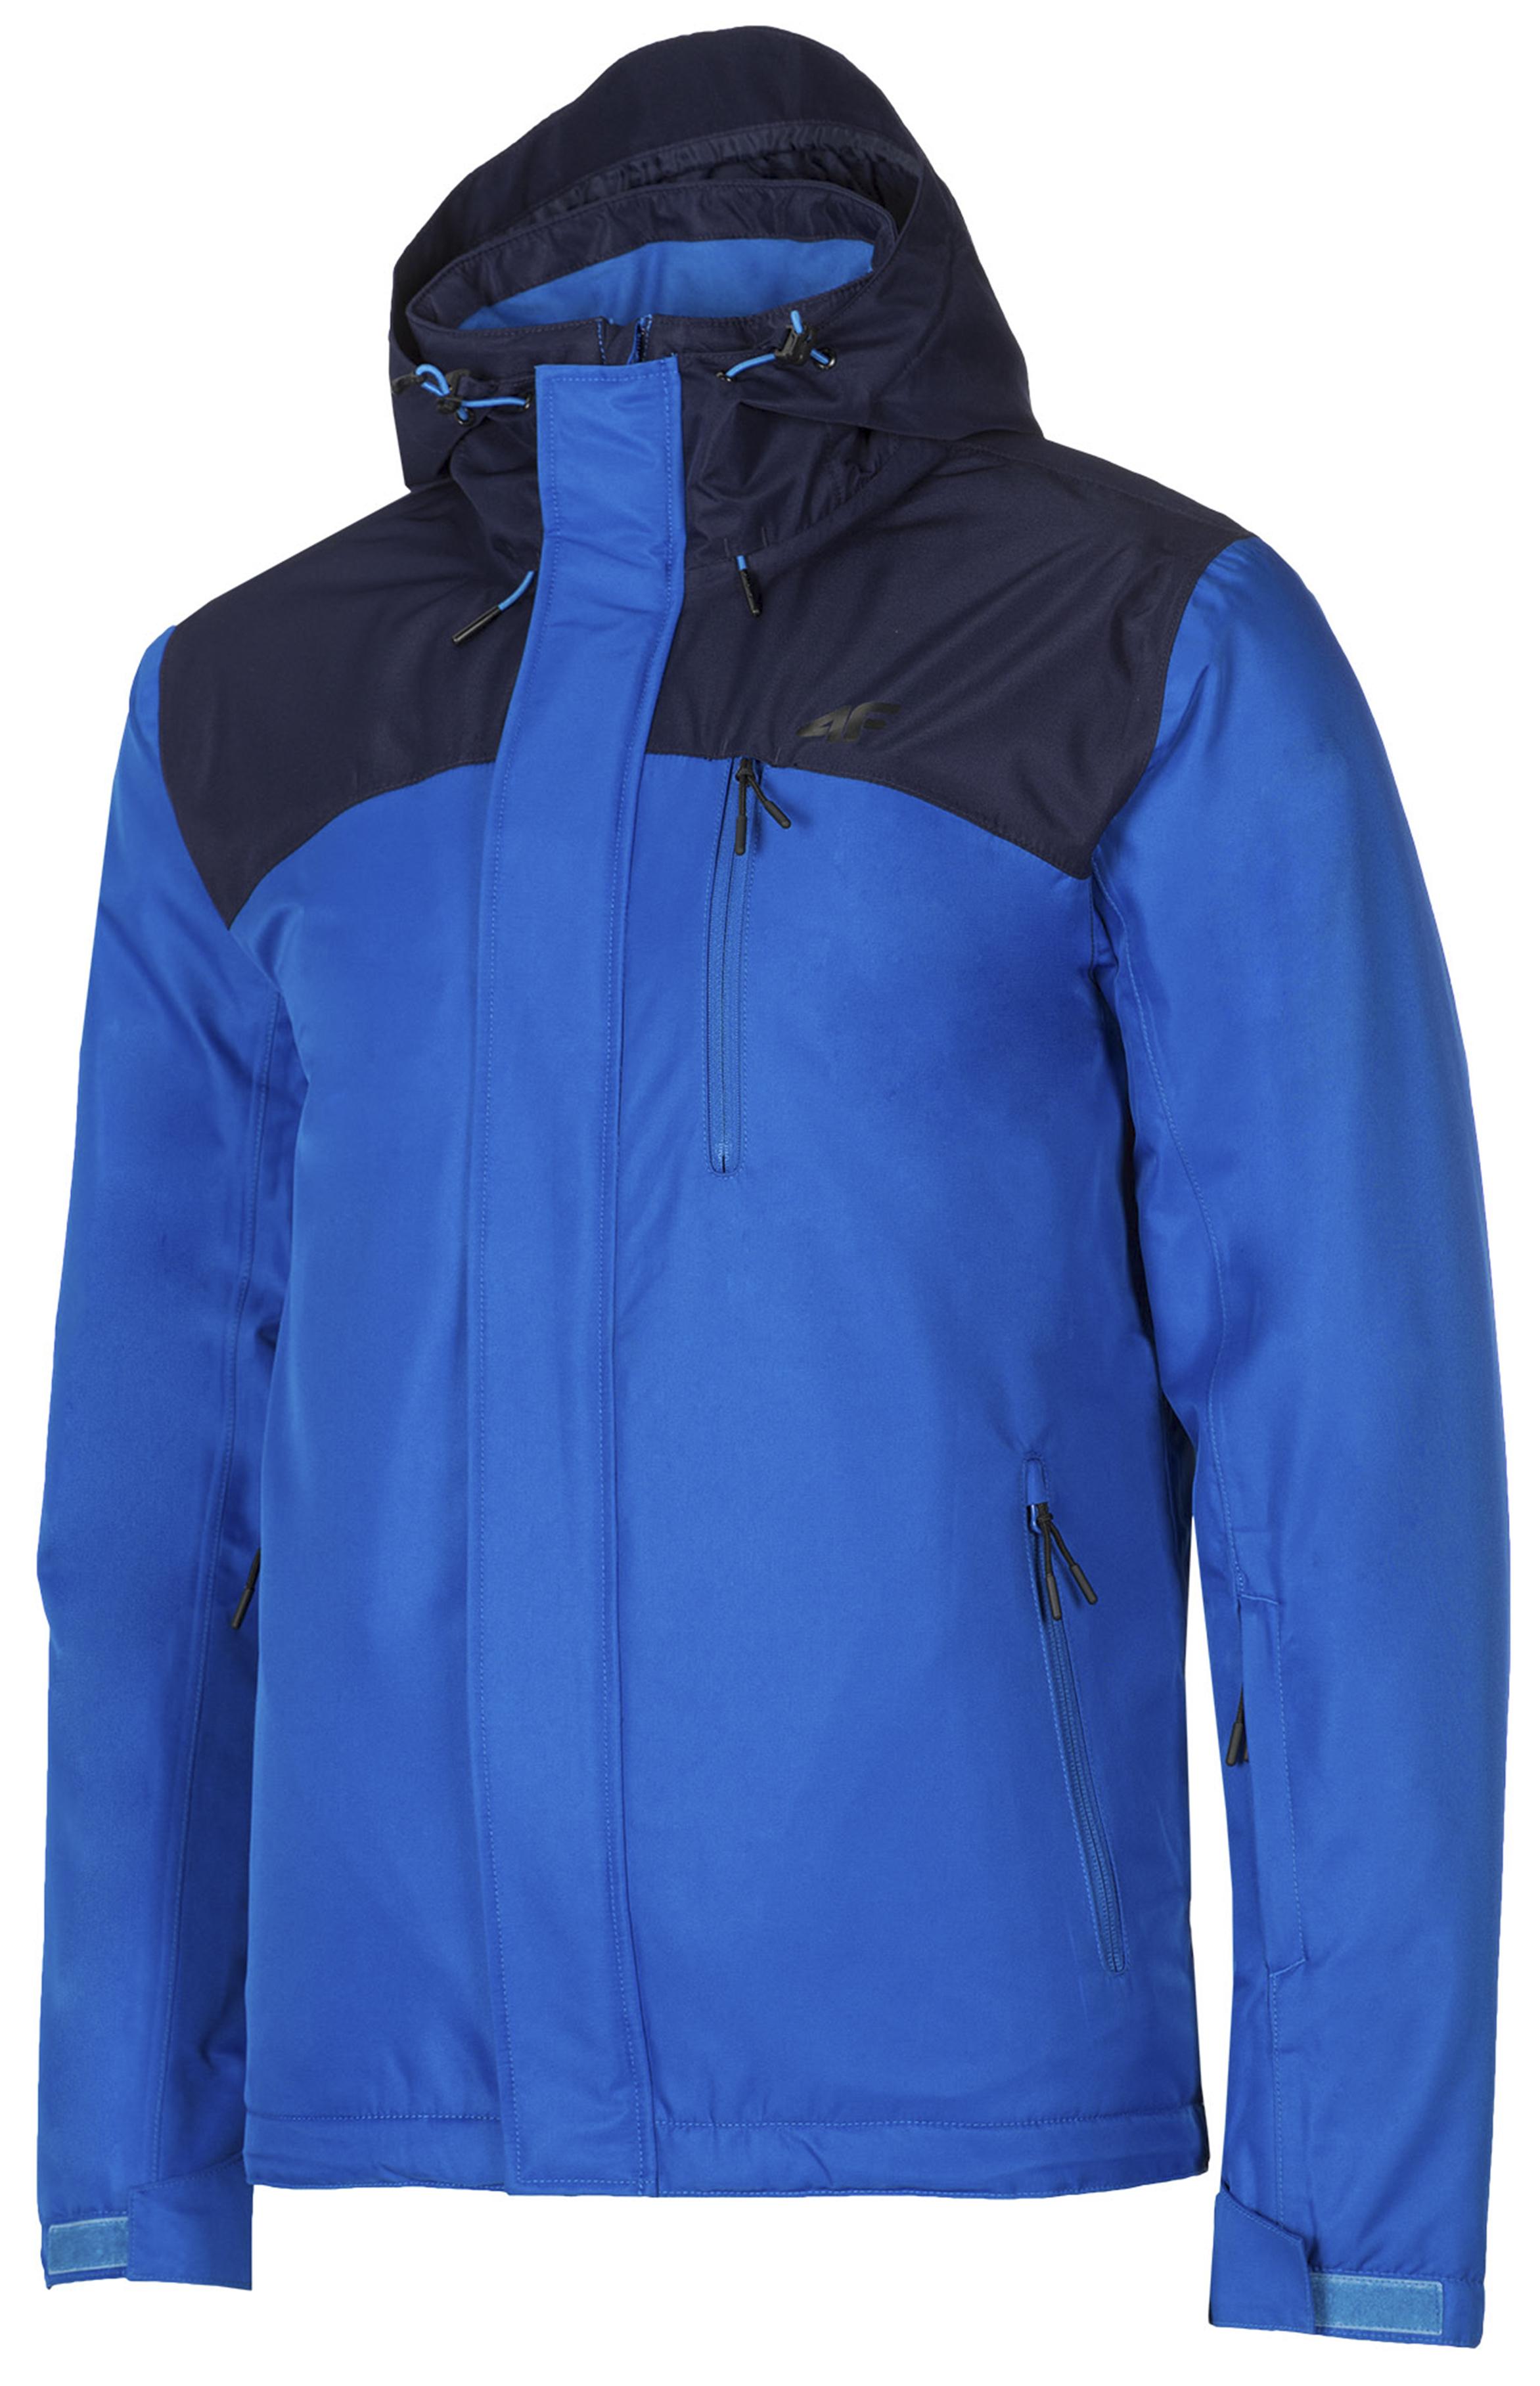 ביגוד פור אף לגברים 4F Ski Jacket - כחול